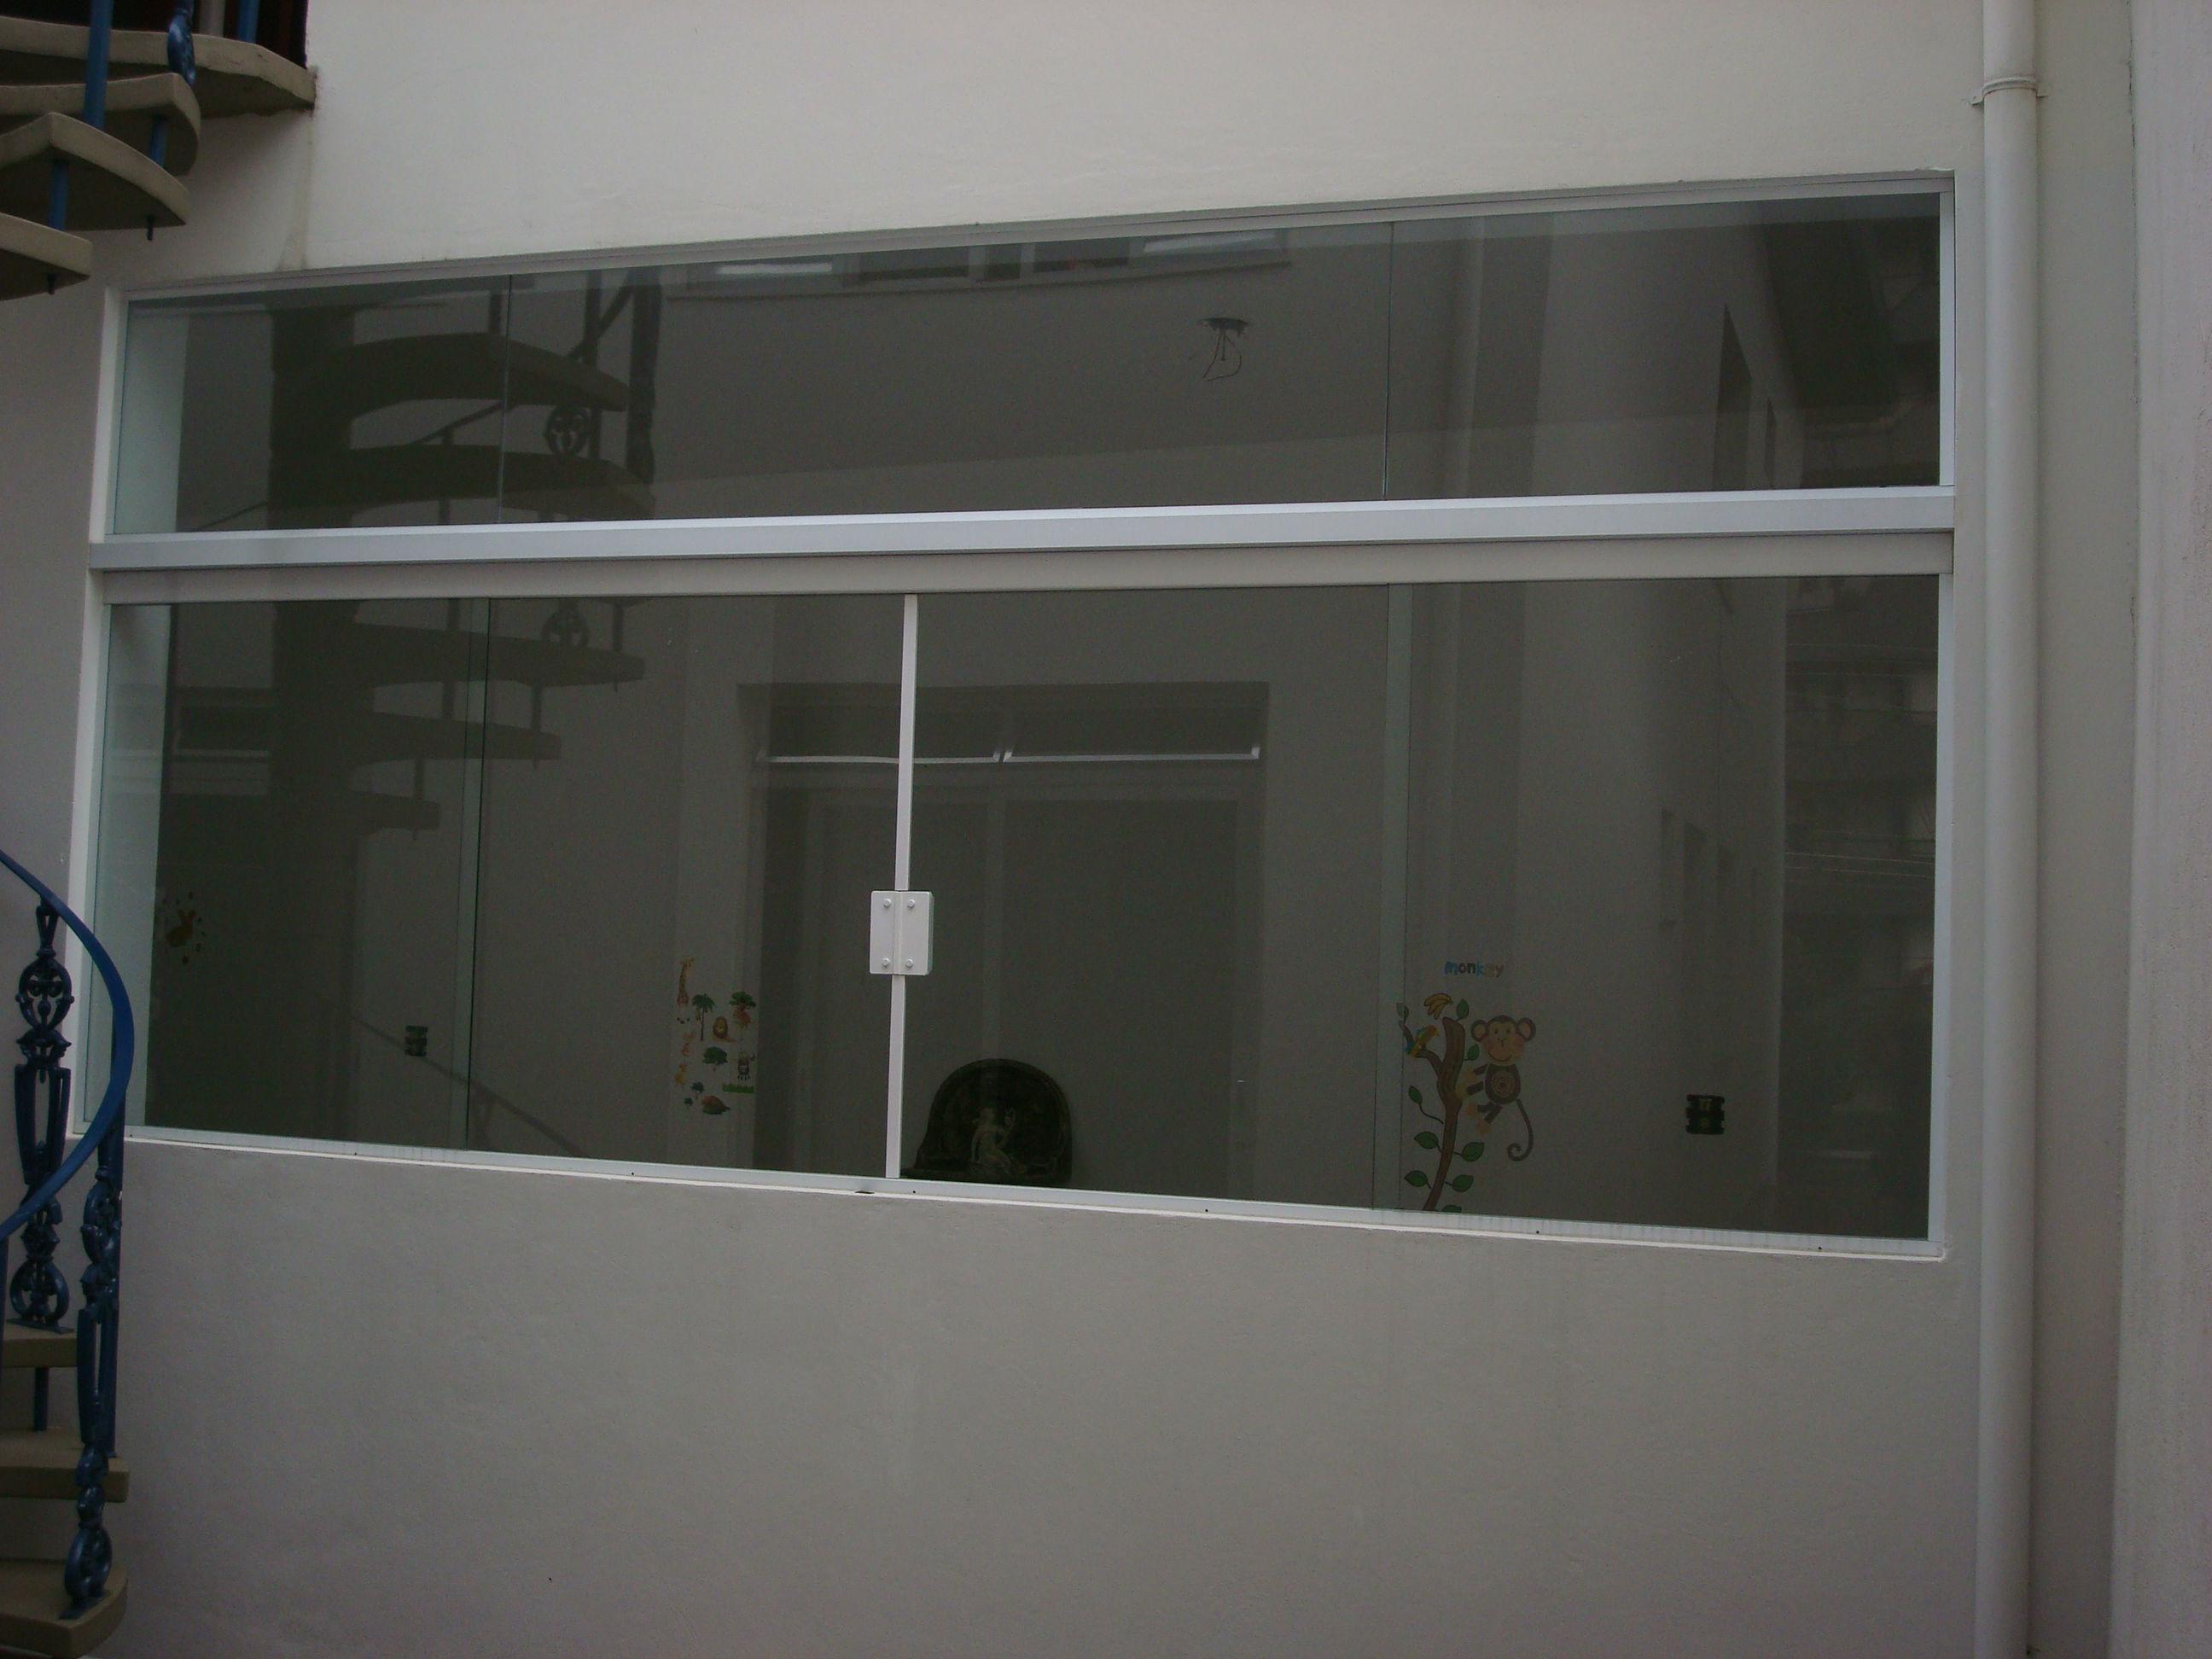 #5F656C de fevereiro de 2012 sábado janela 4 folhas janela 04 folhas em vidro  408 Janelas De Vidros Com Grades